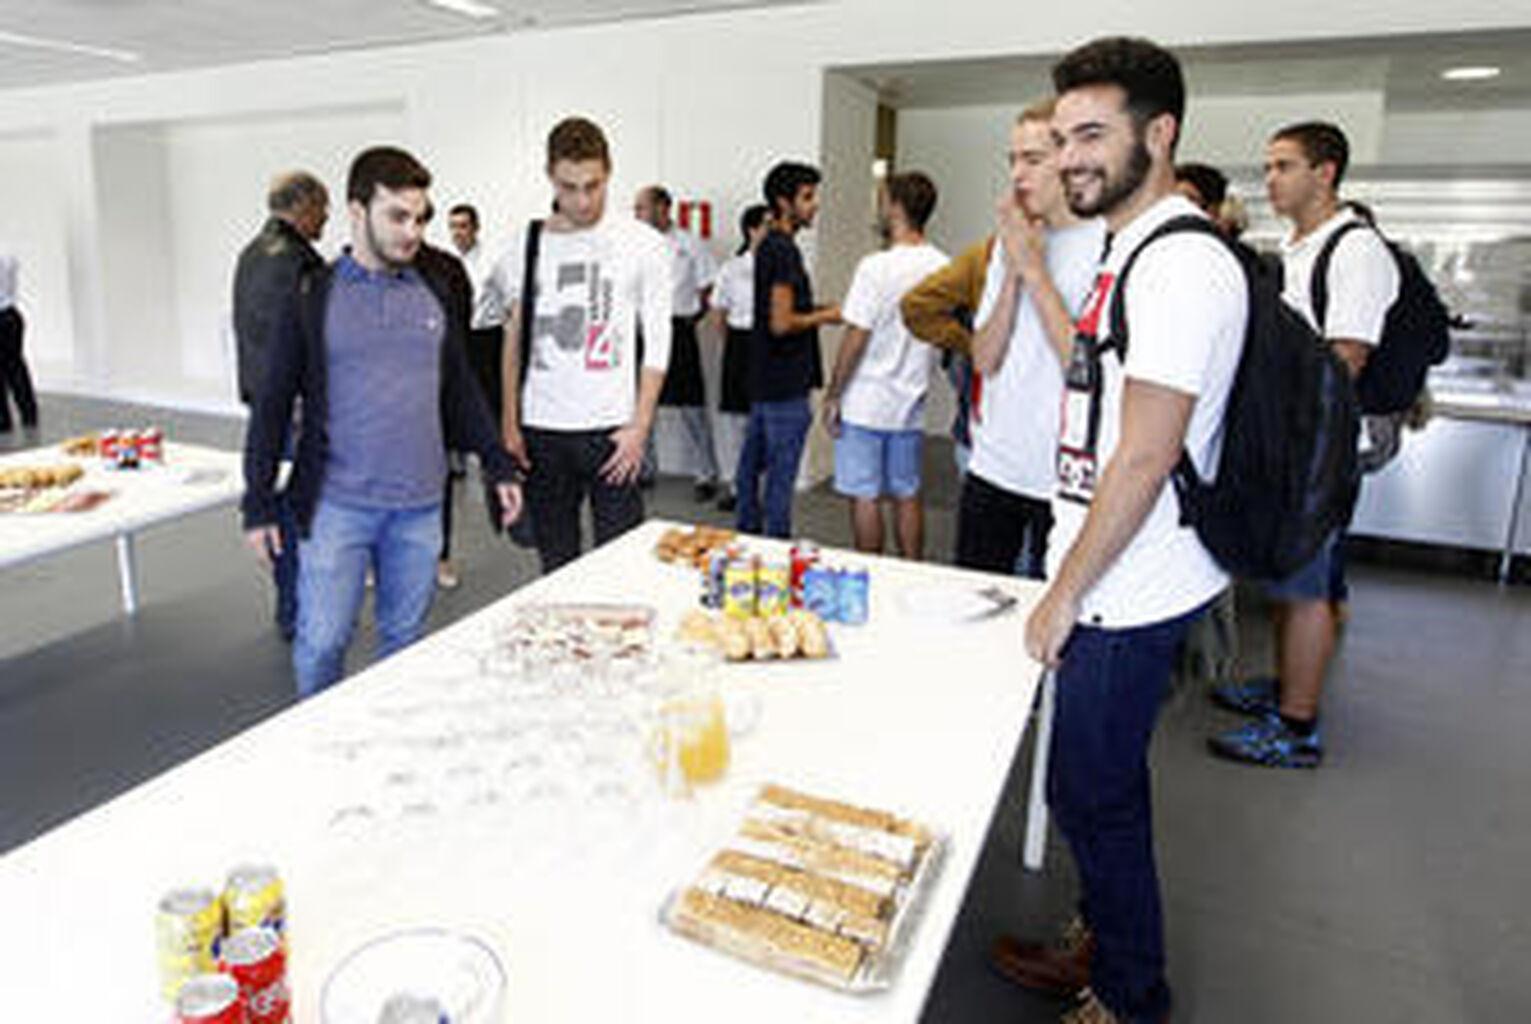 La Universidad suma 600 plazas de comedor en las instalaciones del PTS